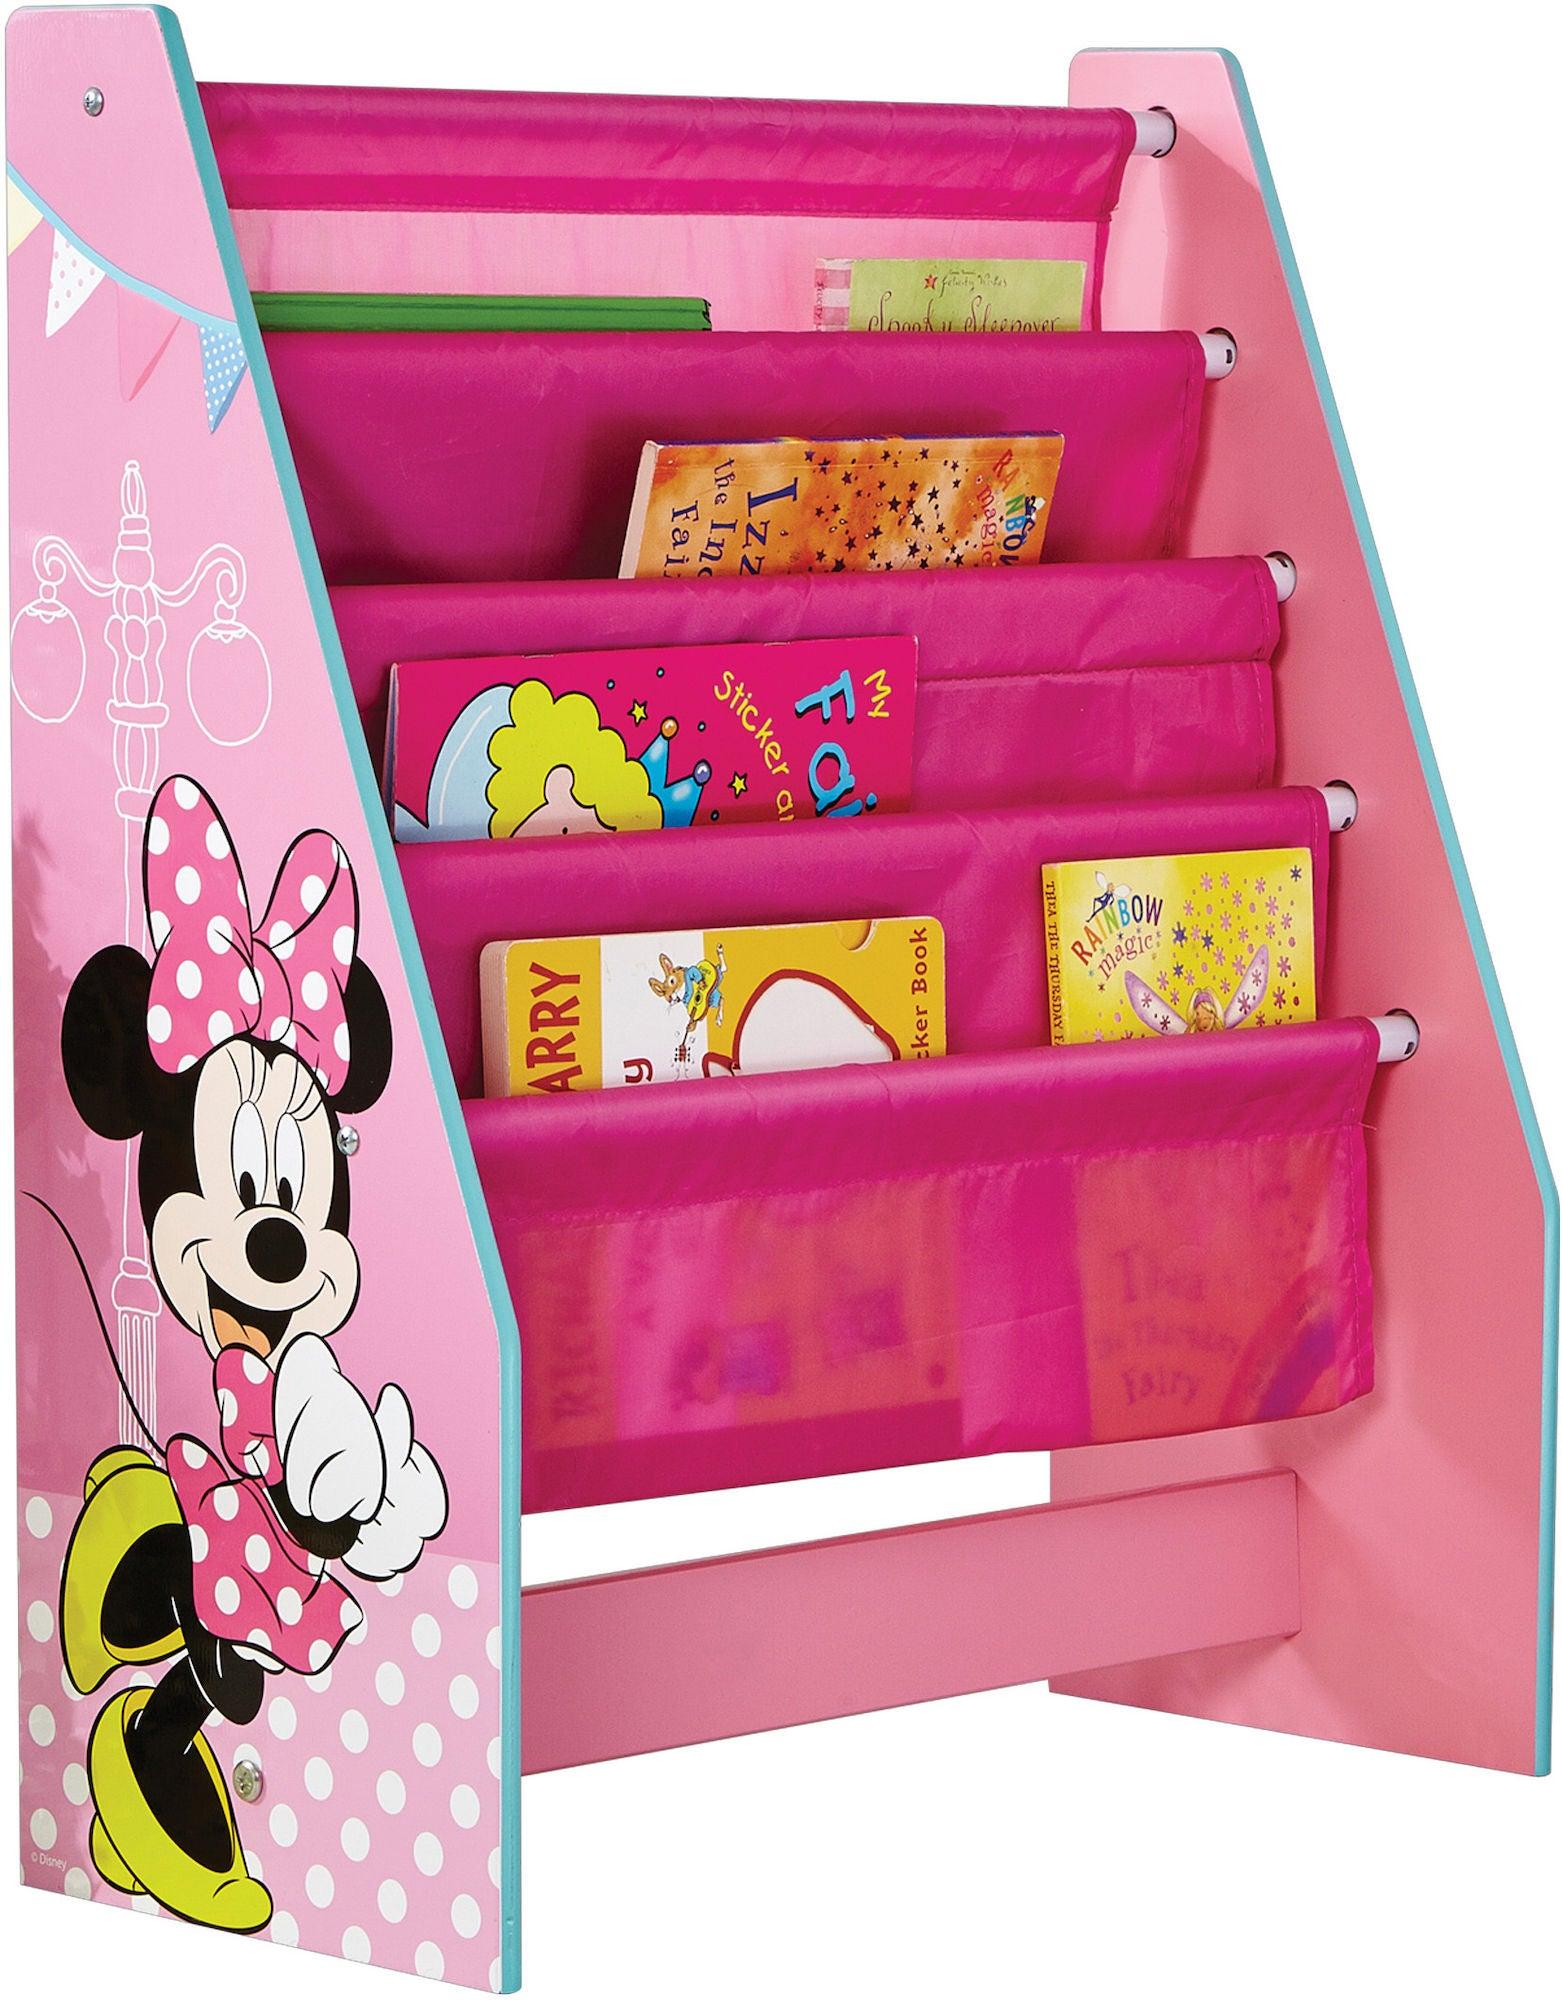 Kinderzimmer von Disney Minnie Mouse | Jollyroom